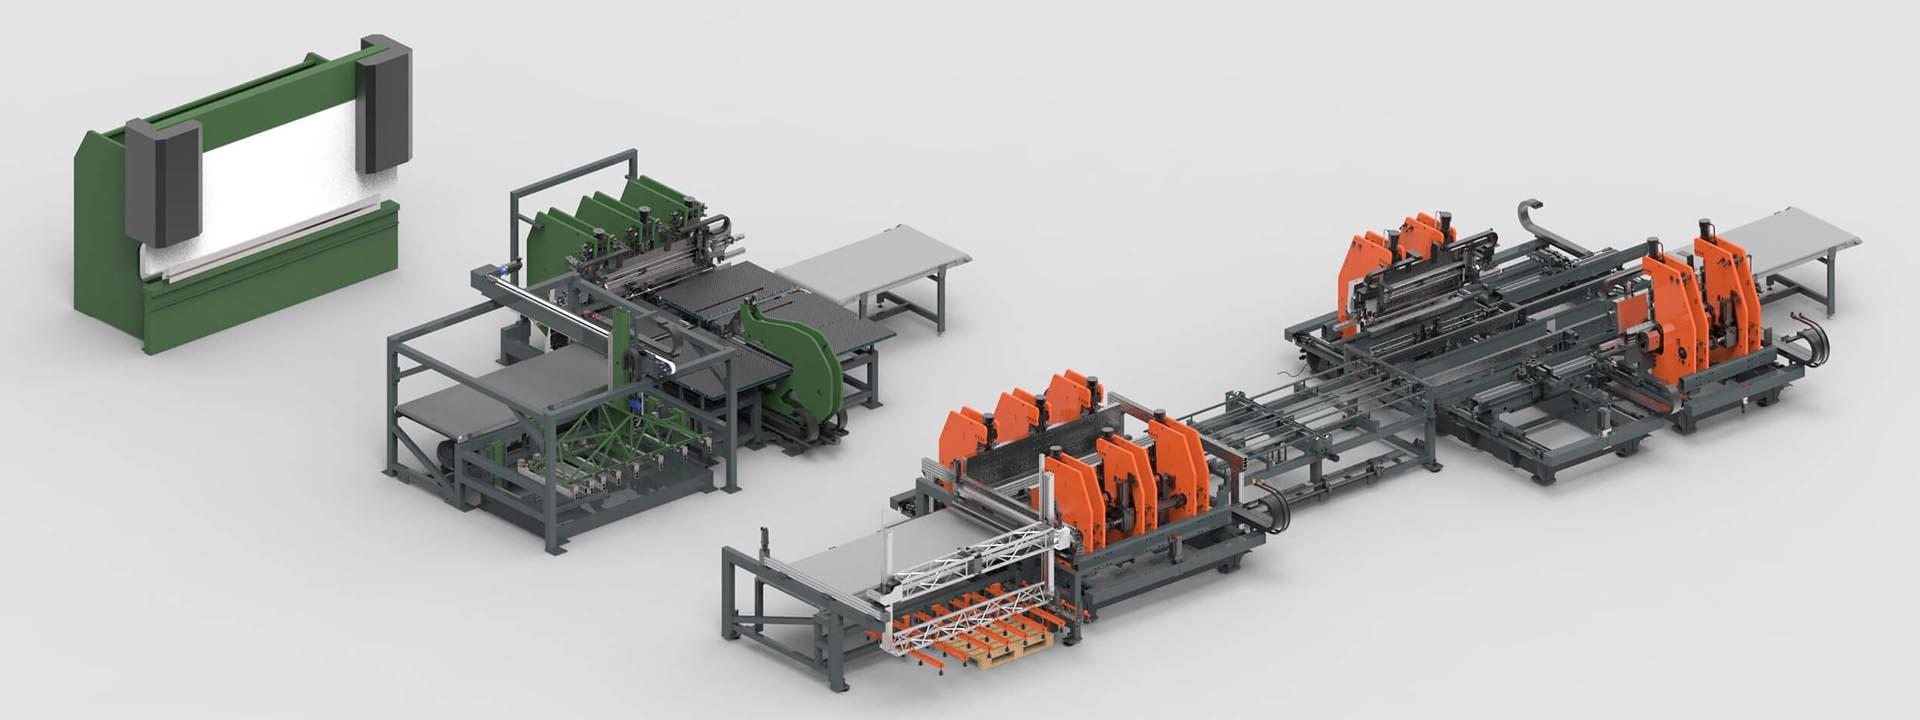 Kantbank, plaatbuigmachine of een volledig geautomatiseerde platen buiglijn? Wat is het verschil?